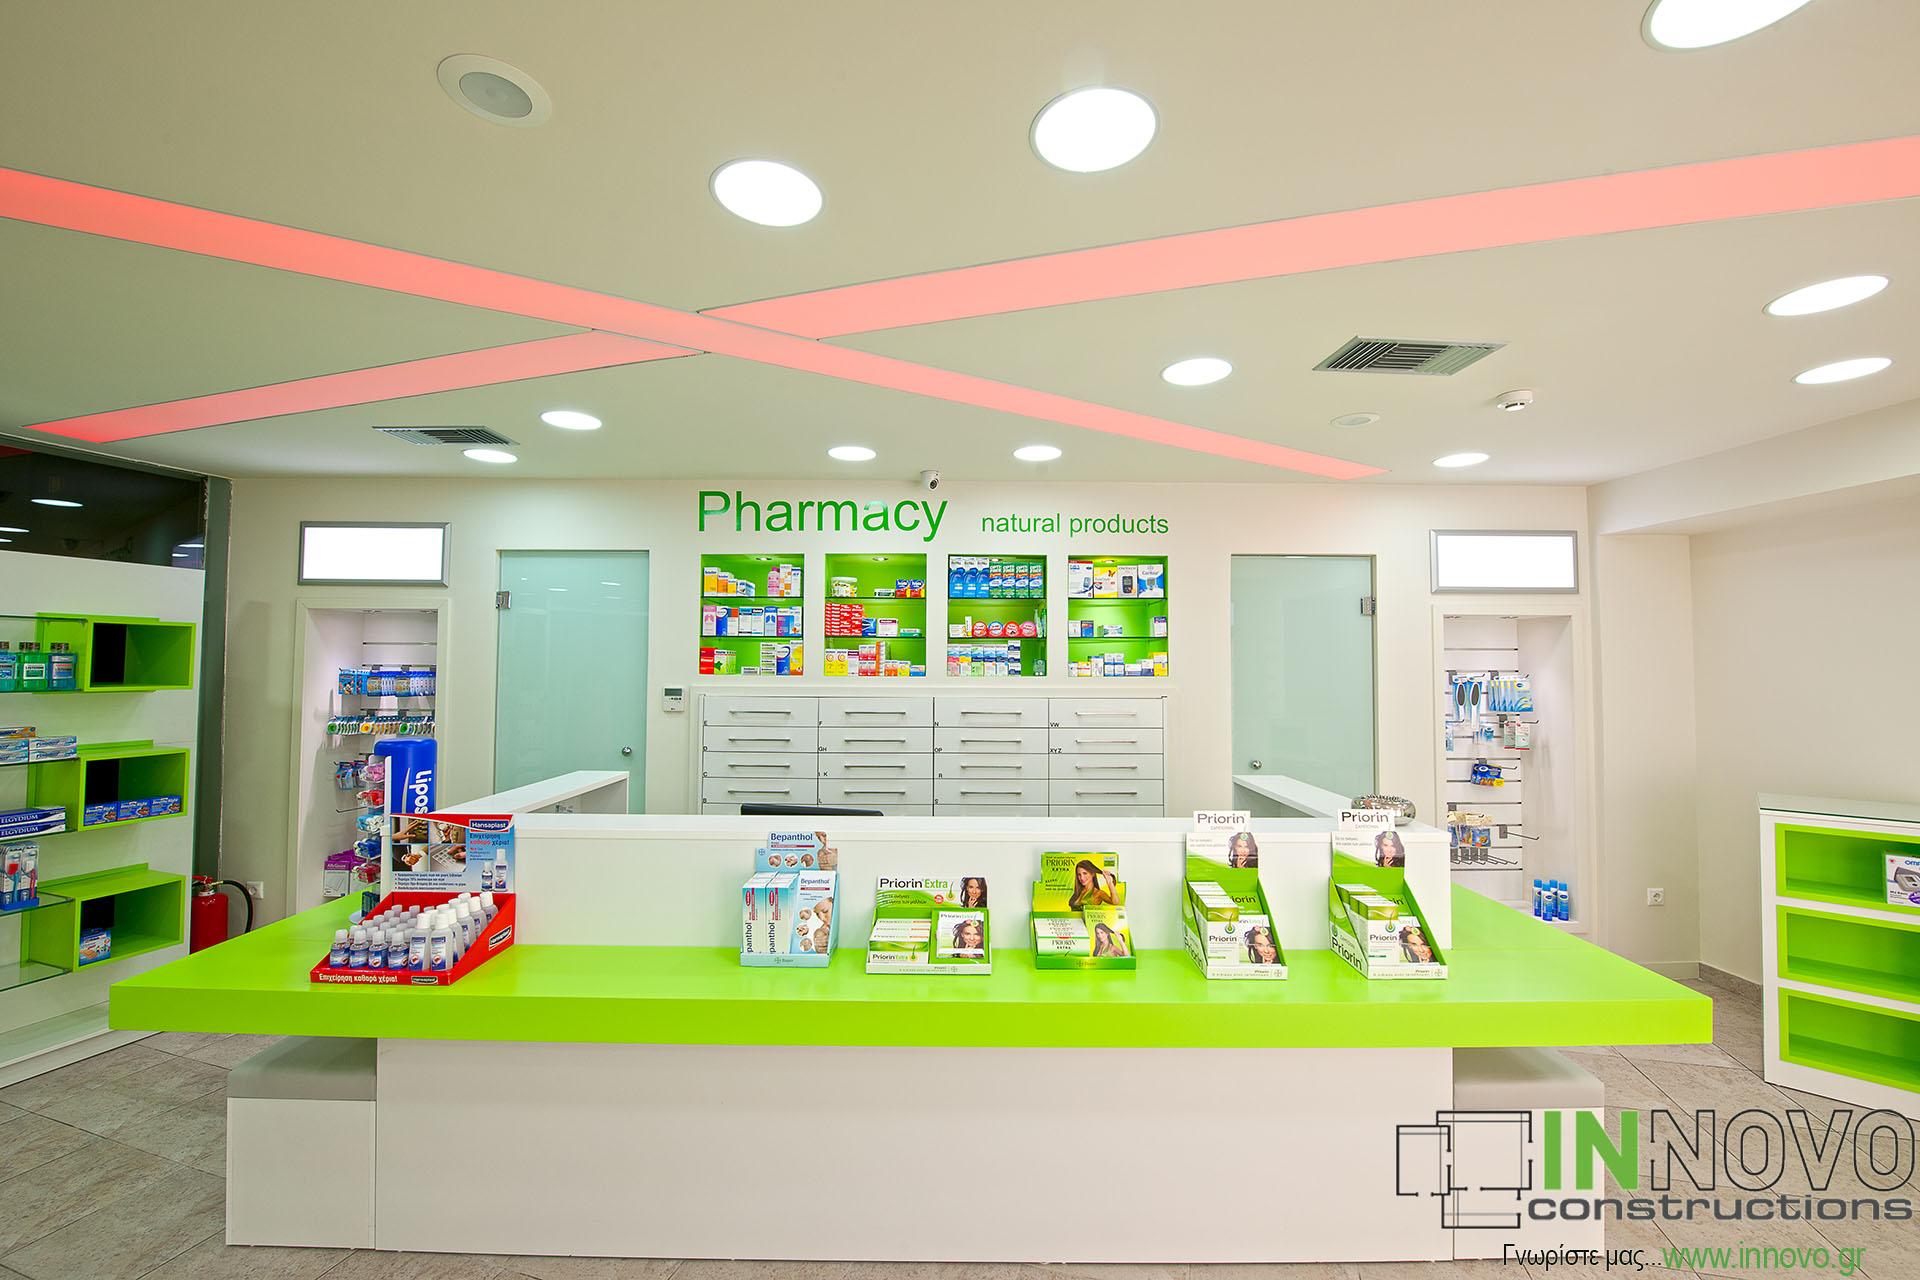 Φαρμακείου ολική ανακαίνιση Πέραμα